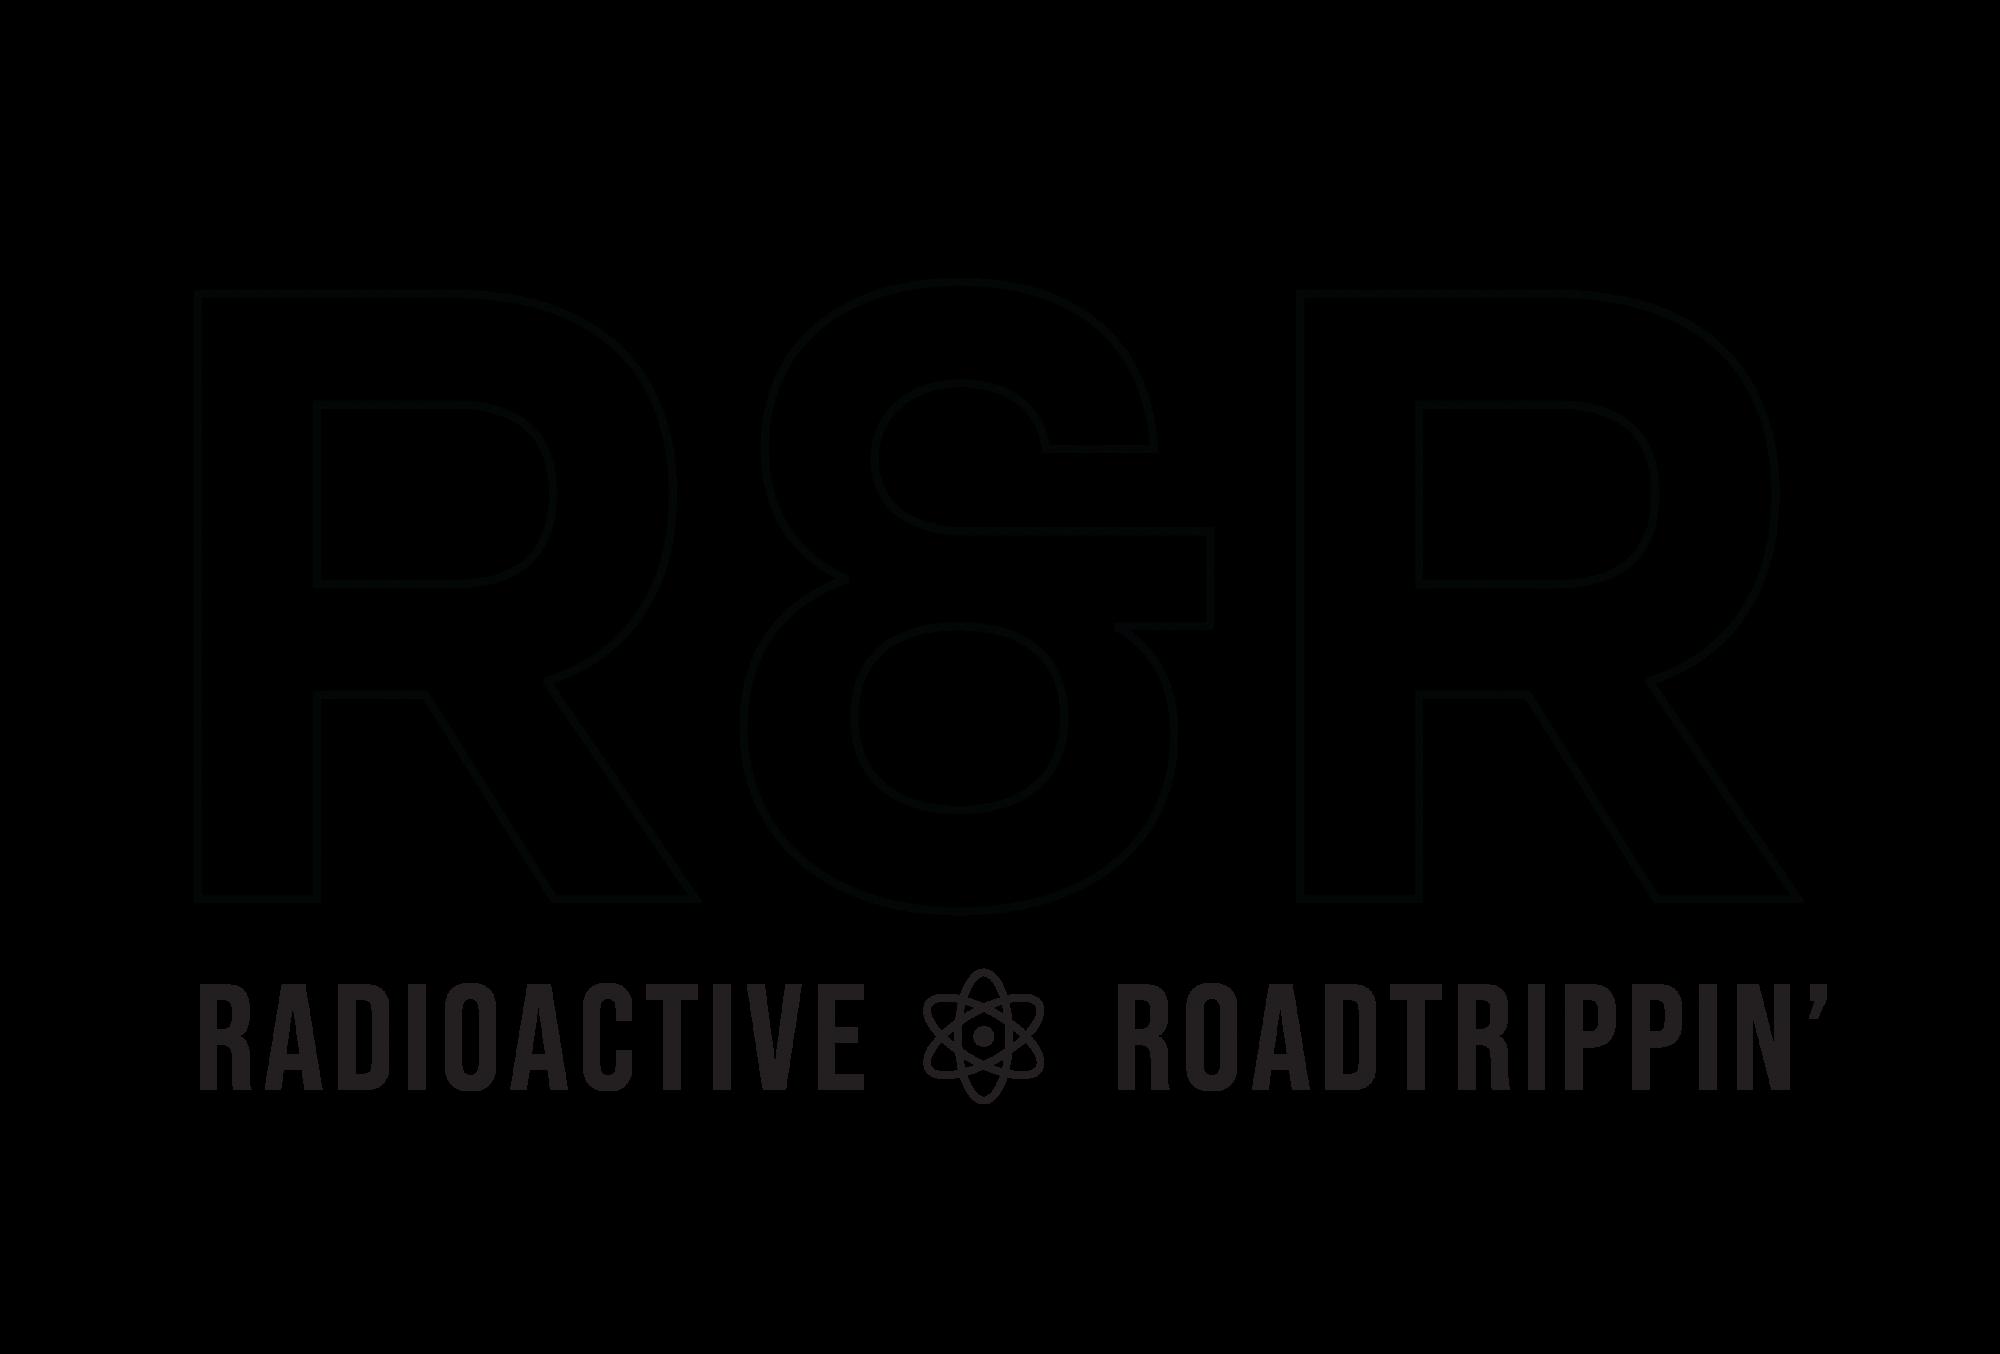 Radioactive RoadTrippin'